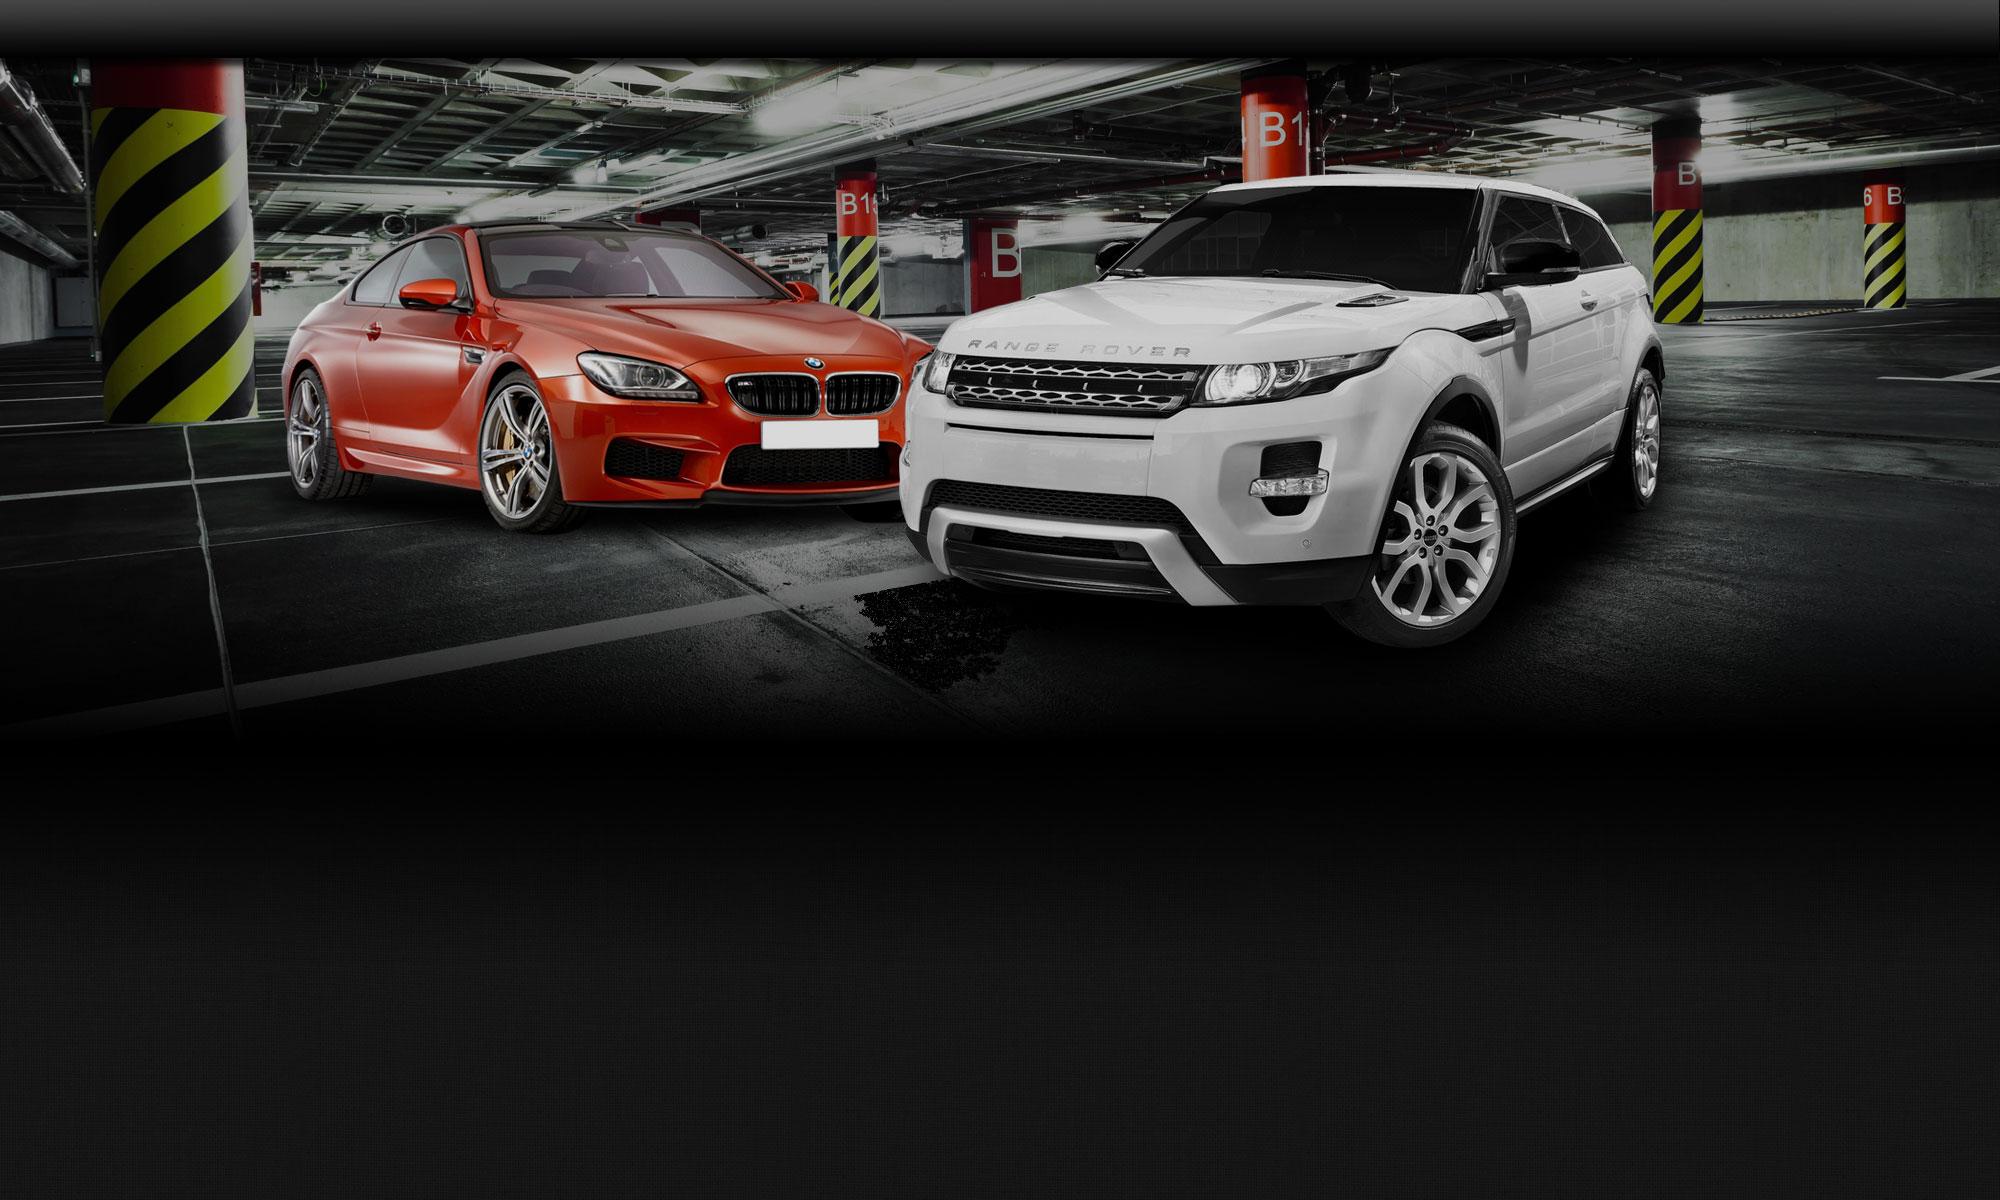 Scion Used Cars For Sale Arleta Car Search USA 2